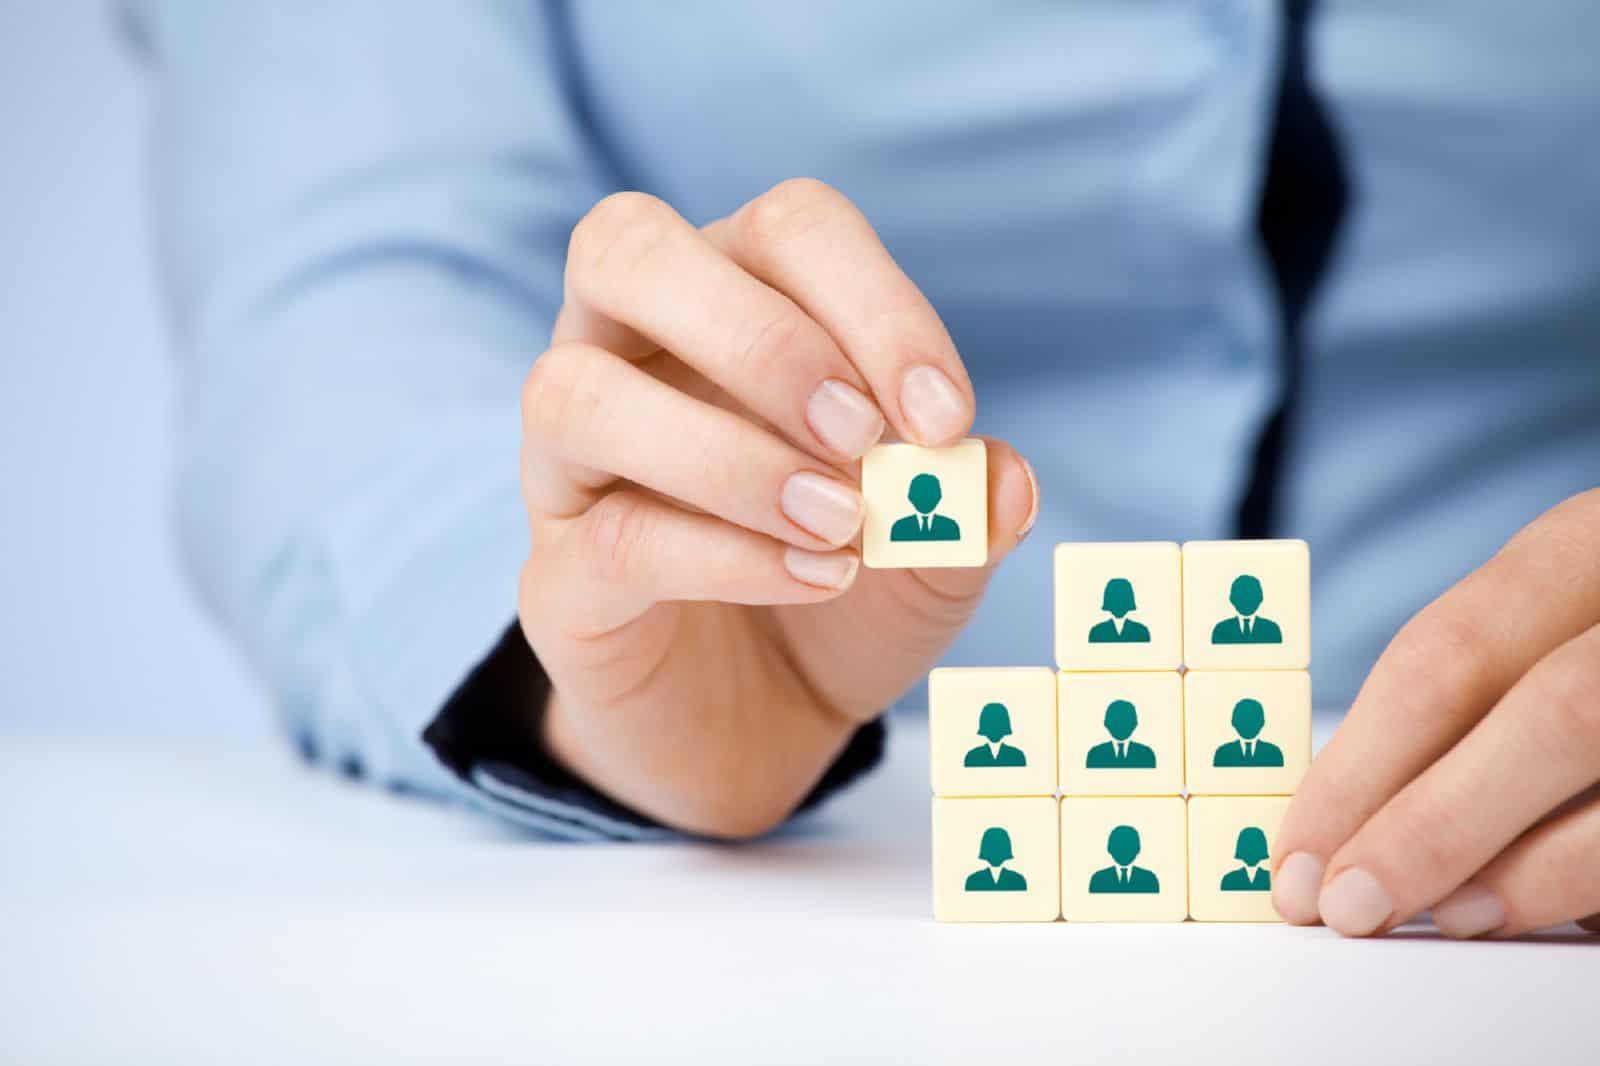 инструкция по кадровому делопроизводству в организации